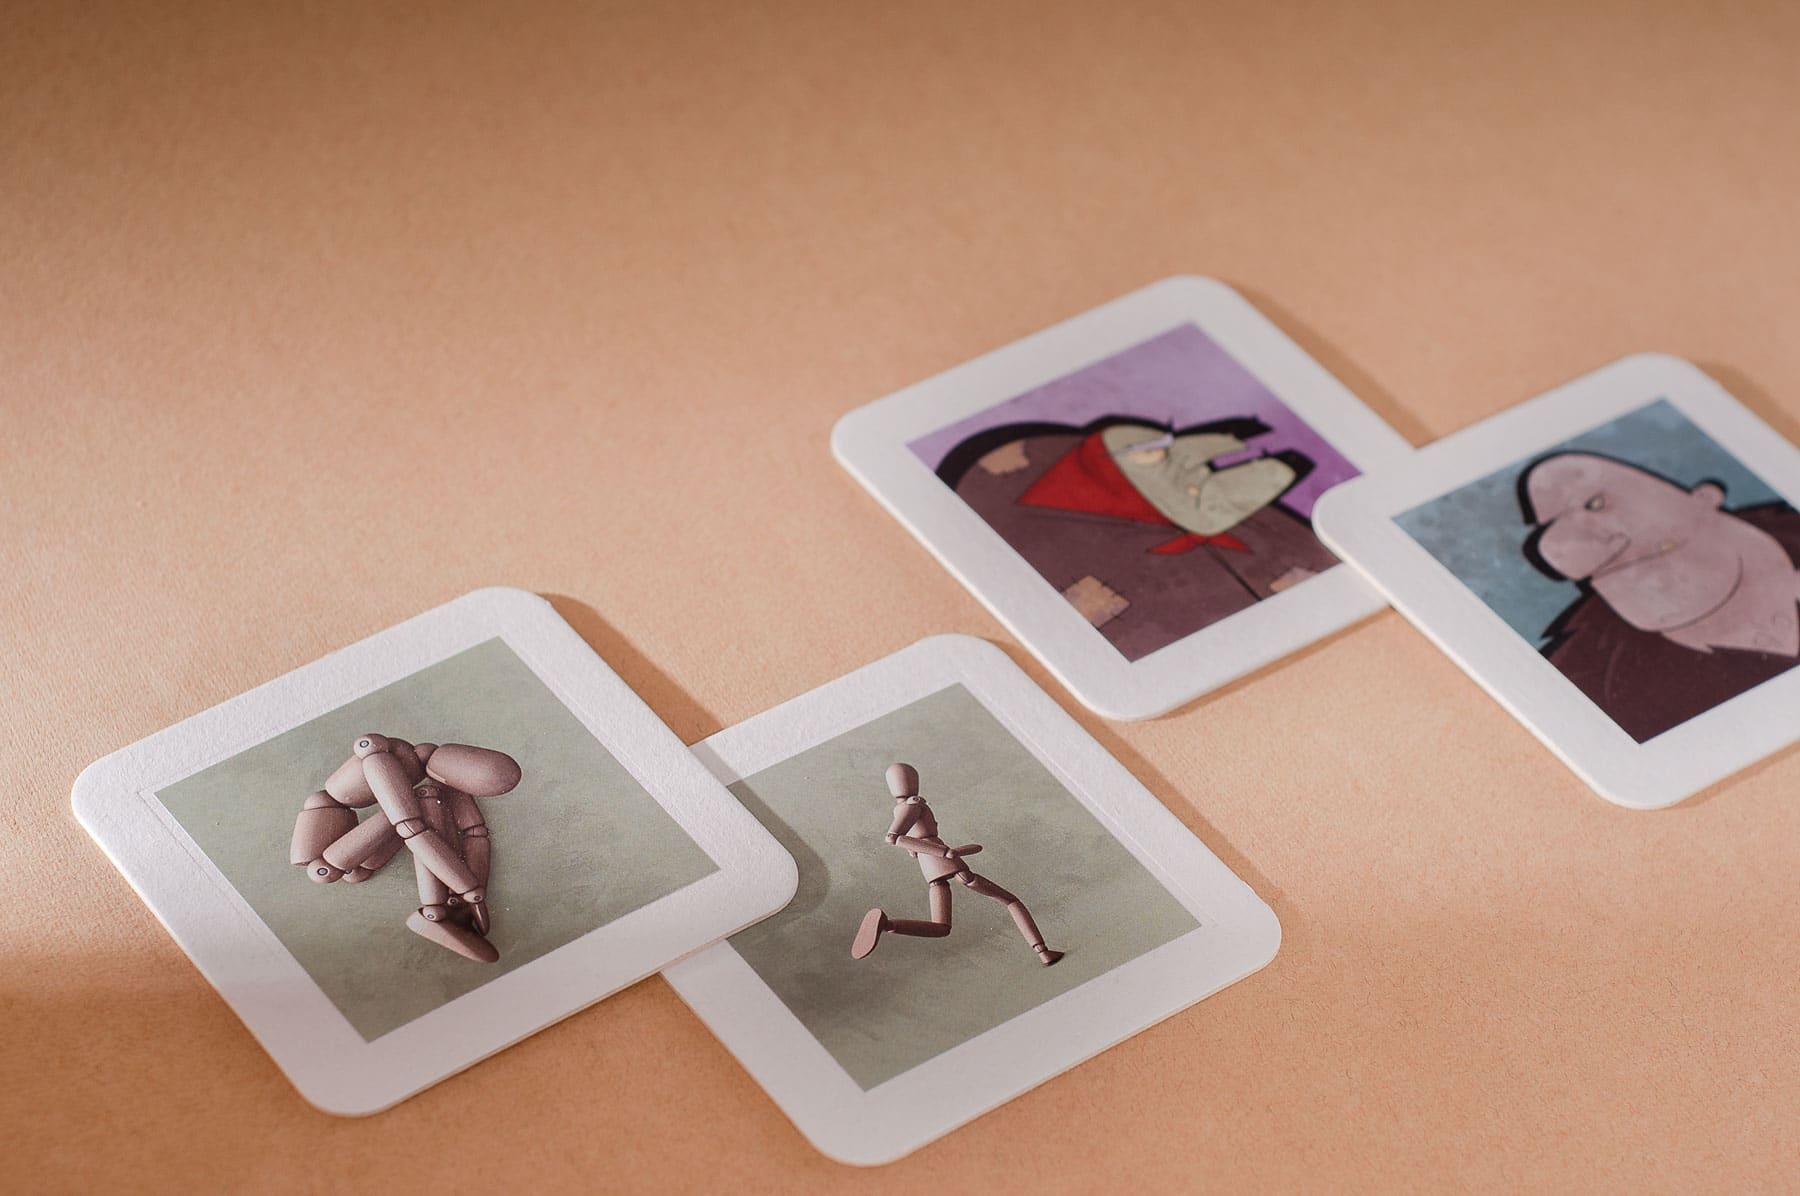 Prototypen der mishugge Bildimpulskarten – tools for therapy.